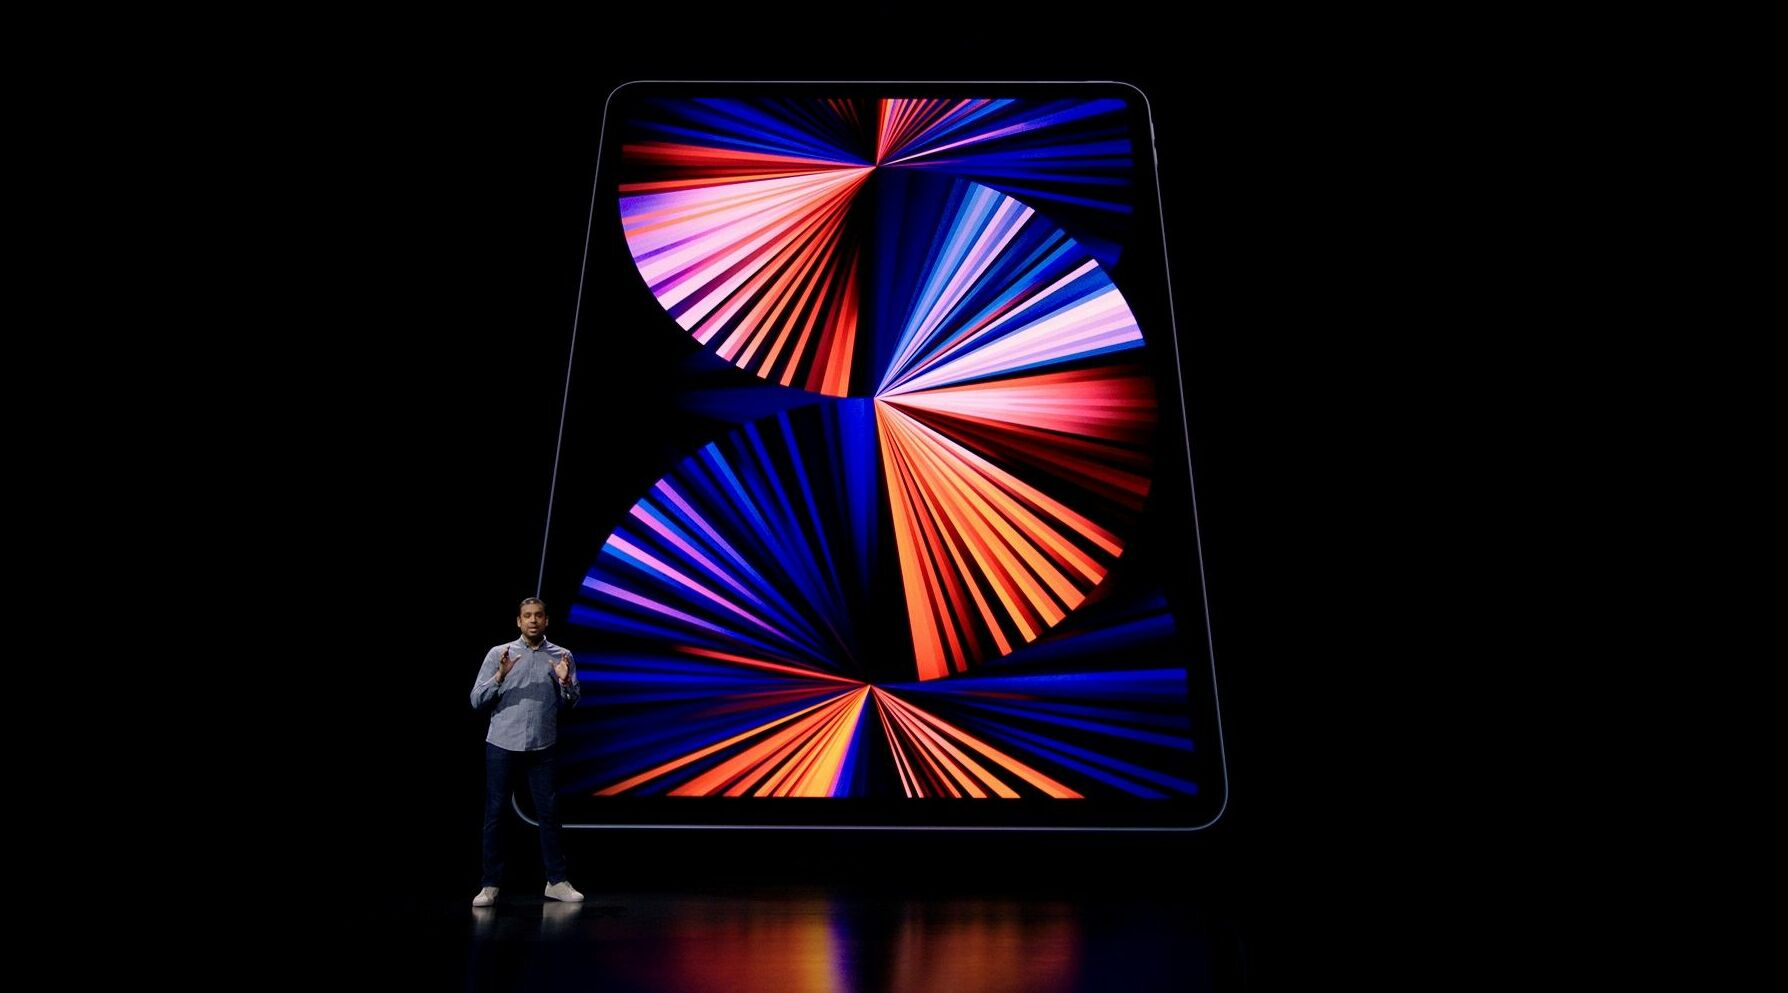 Apple, yeni iPad pro'larda 11 ve 12.9 inç olmak üzere iki opsiyon sunuyor. Söz konusu Mini-LED ekran sadece 12.9 inçlik versiyonda yer alıyor.